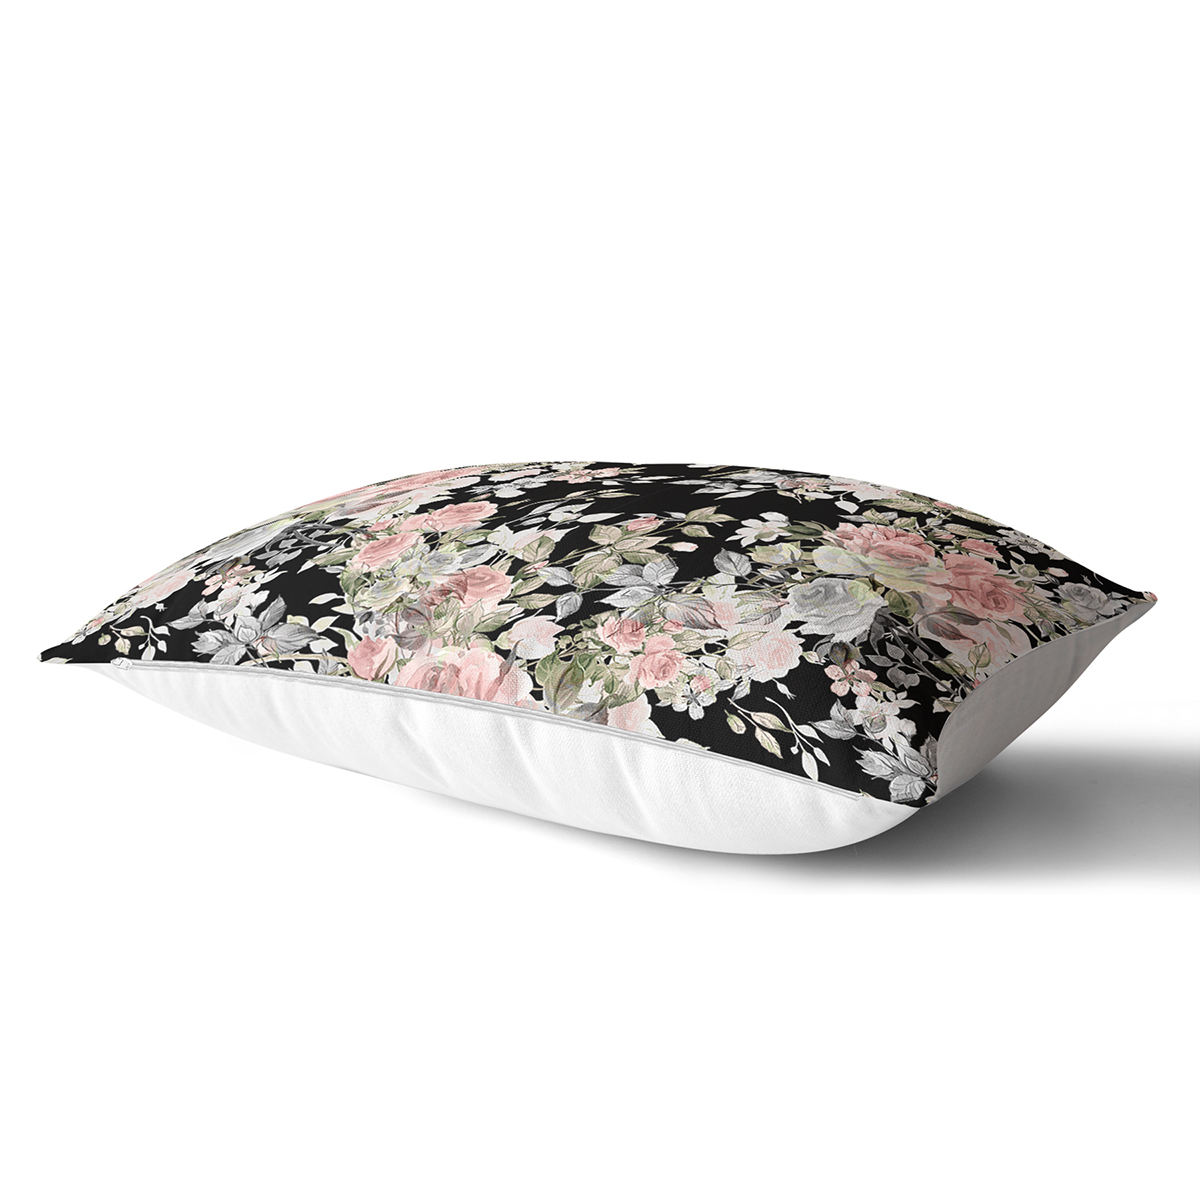 Renkli Zemin Üzerinde Çiçek Desenli Dijital Baskılı Modern Dikdörtgen Yastık Kırlent Kılıfı Realhomes